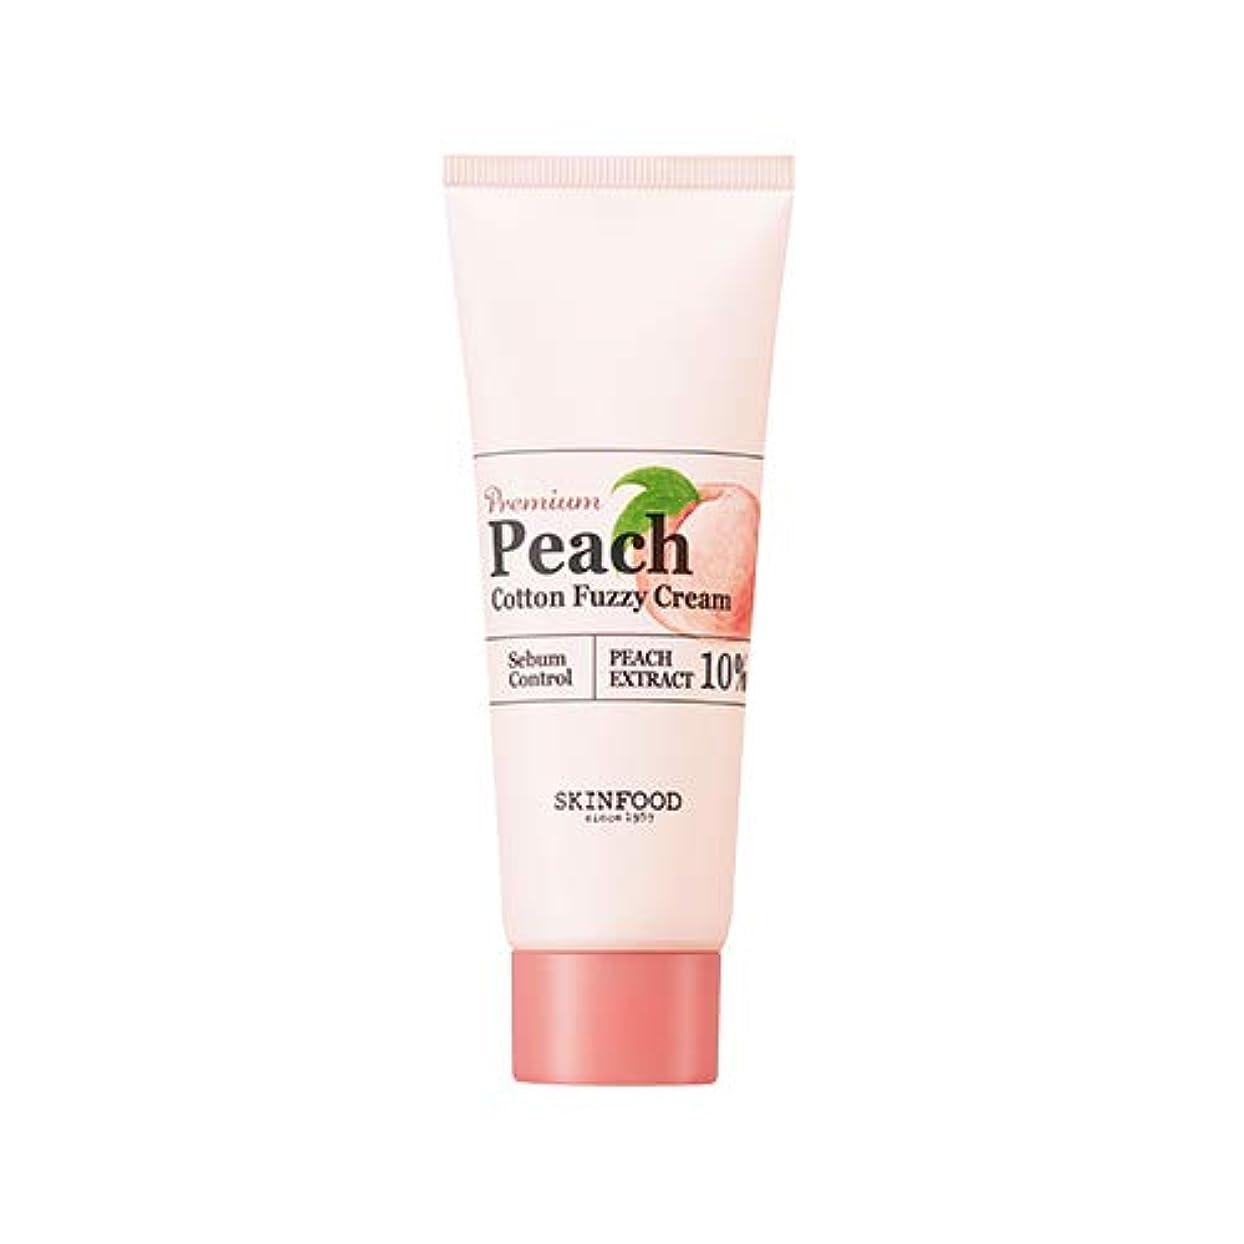 段落要求非難するSkinfood プレミアムピーチコットンファジークリーム/Premium Peach Cotton Fuzzy Cream 65ml [並行輸入品]